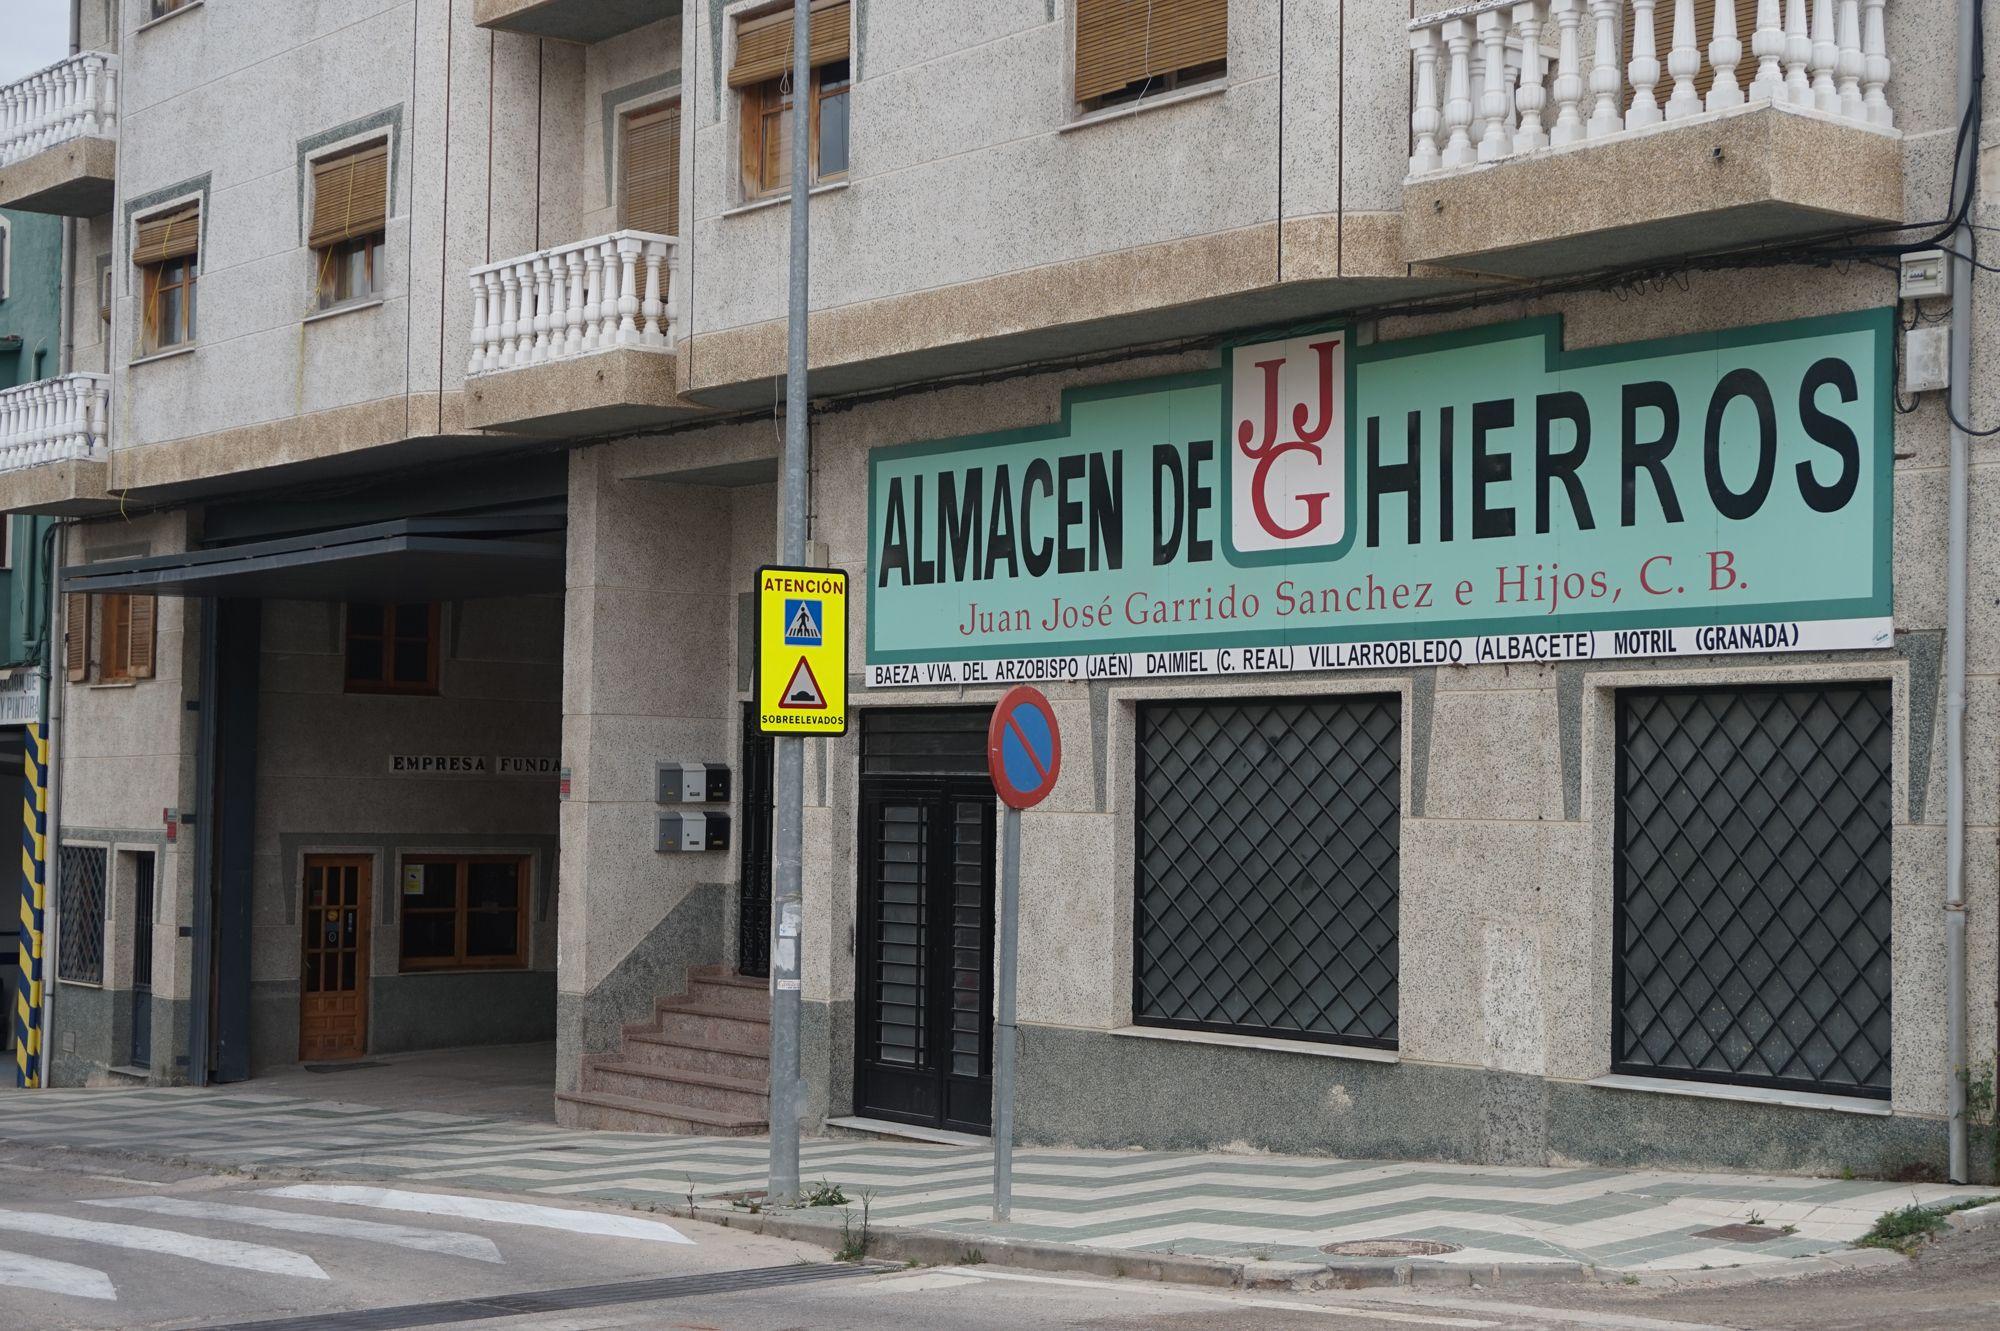 Almacén de hierros en Villanueva del Arzobispo, Jaén